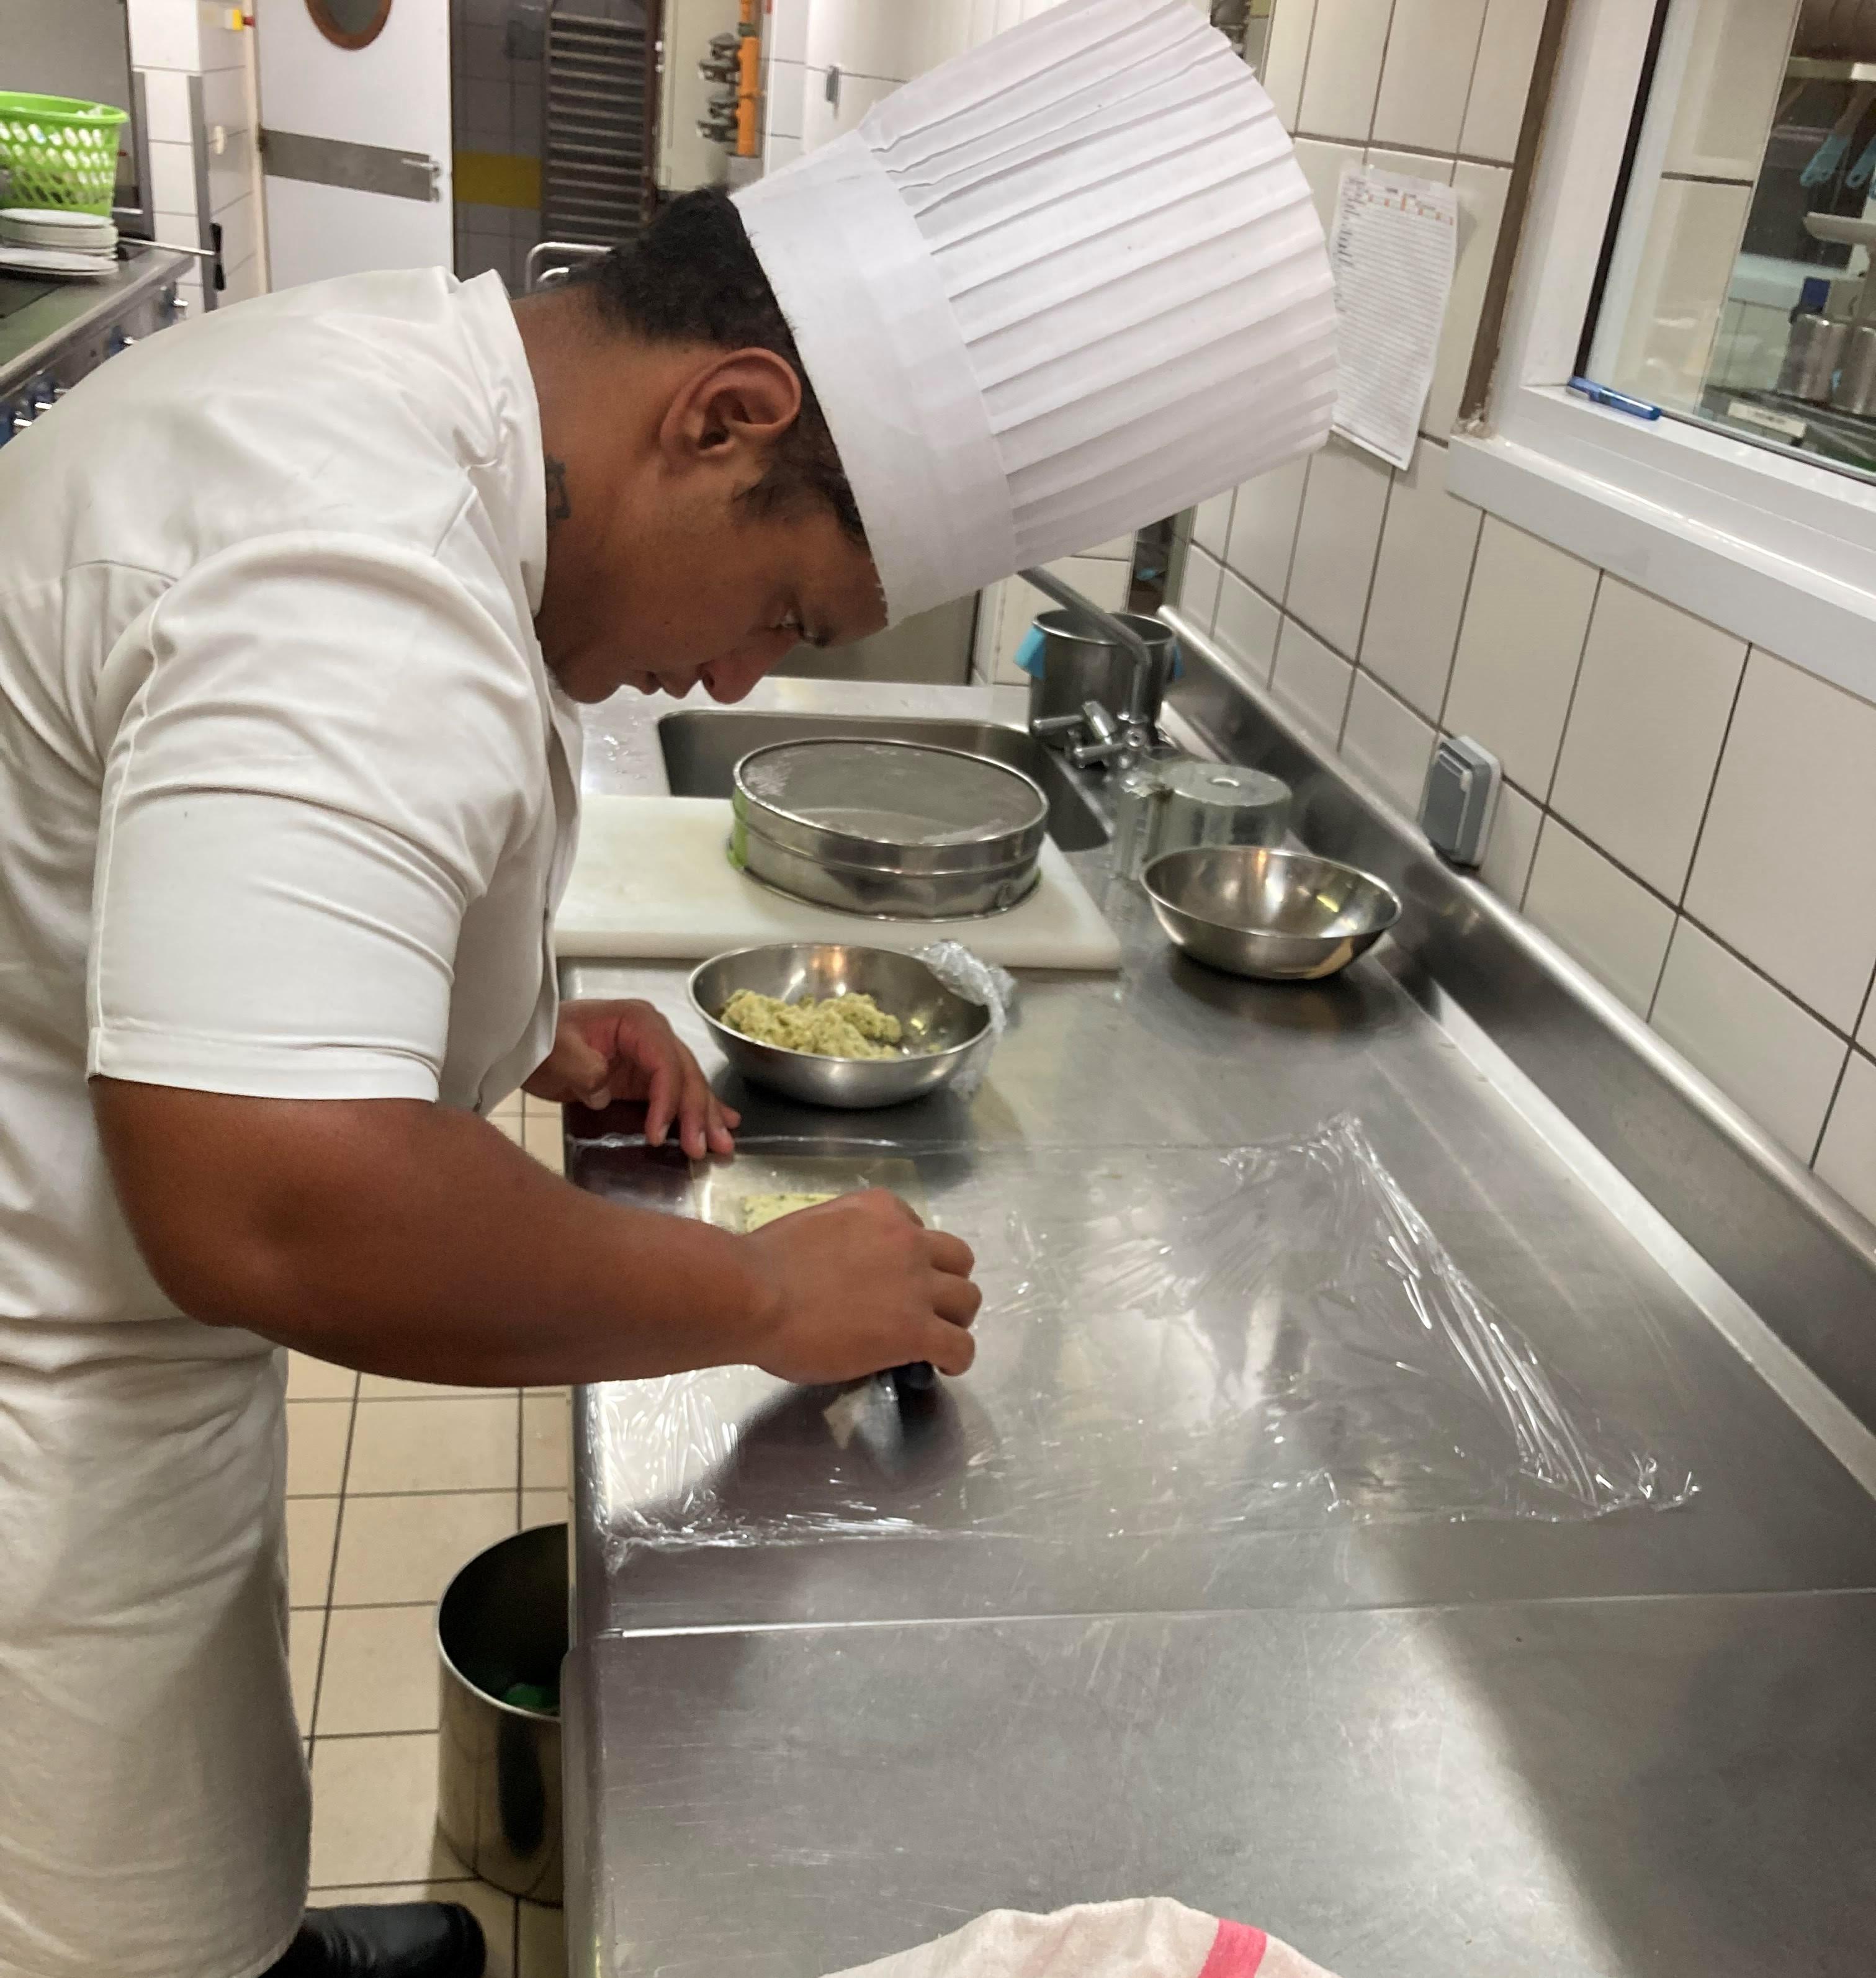 Juliano Hiriga a préparé un menu composé de quatre entrées et deux desserts spécialement pour le concours.